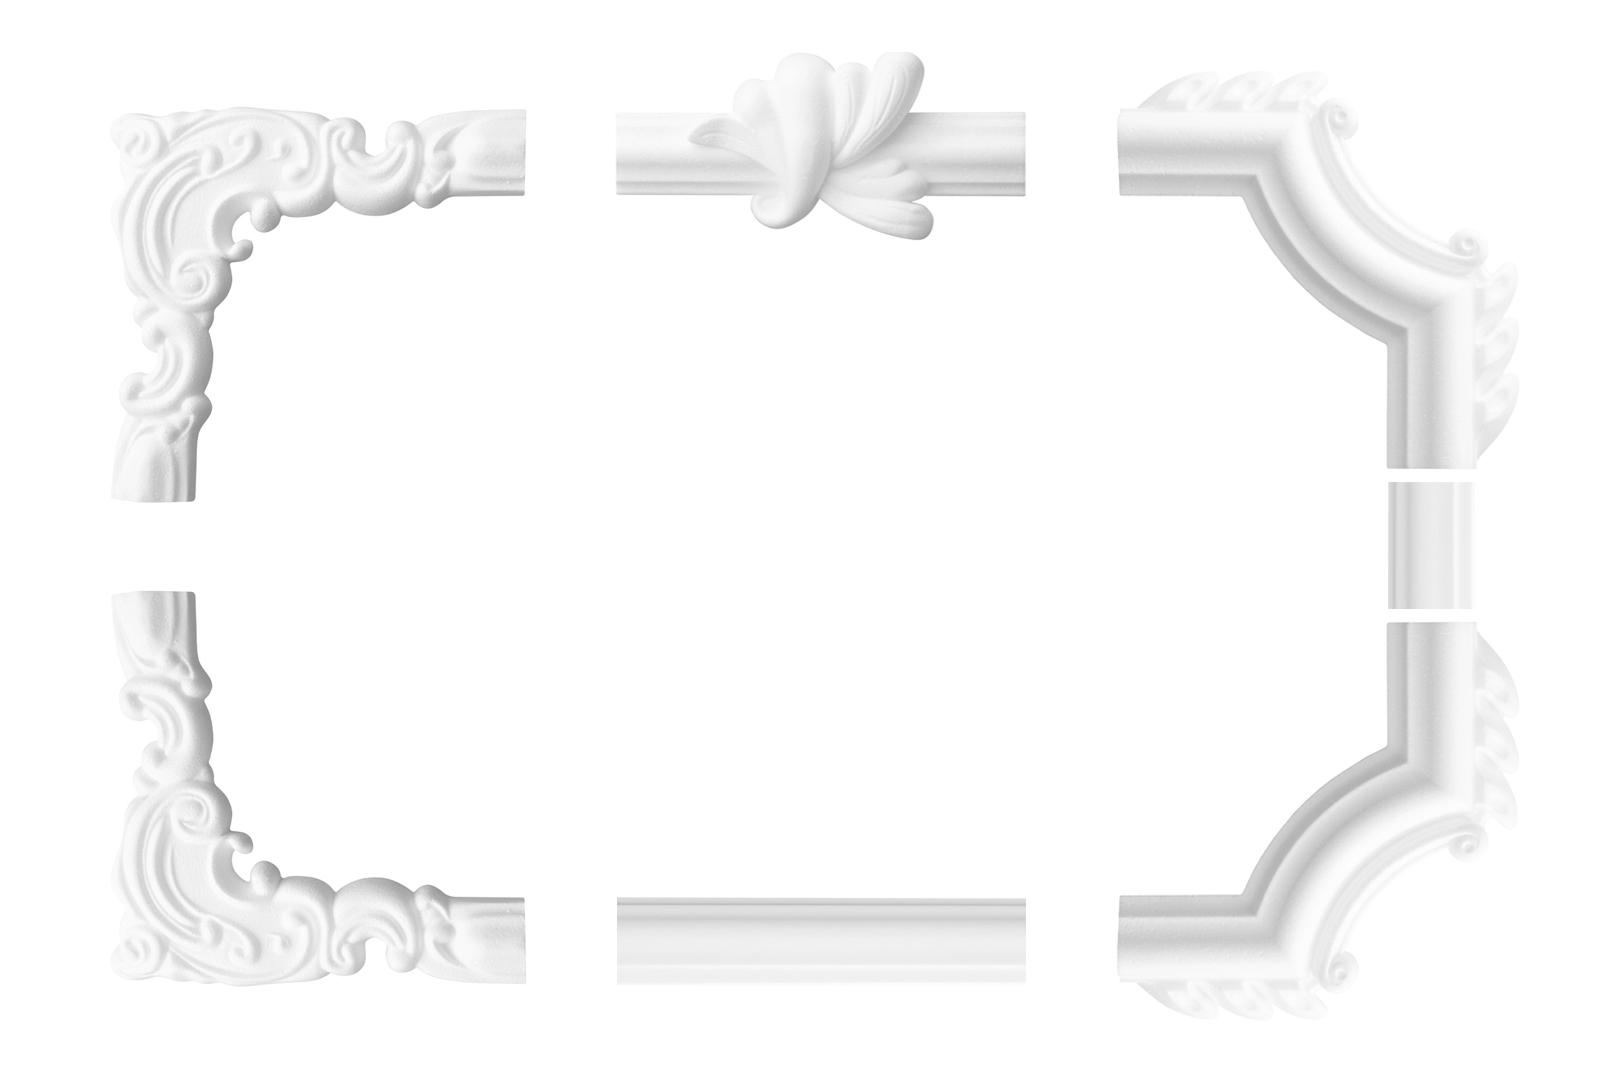 Wandumrandung Deckenumrandung Fries Stuck Dekor Rahmen Styropor Auswahl EPS B-42